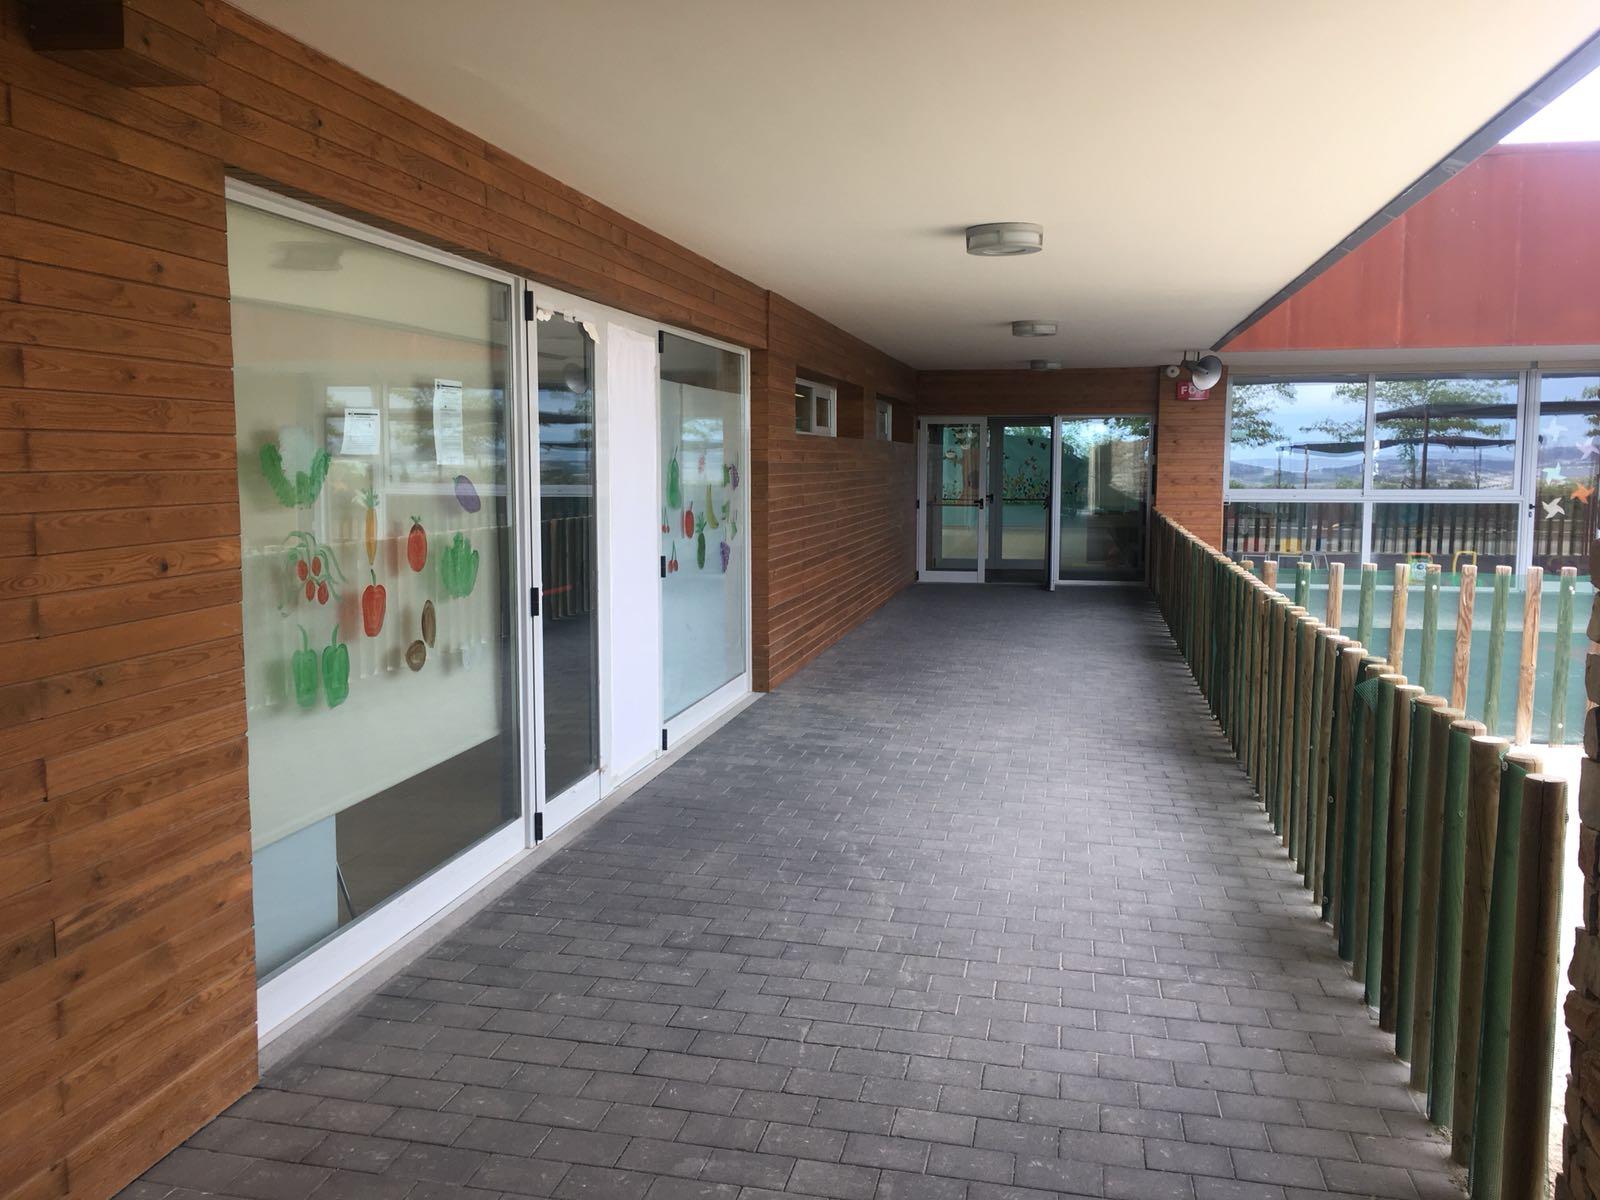 Comunicat de l'equip de govern – La llar d'infants municipal romandrà tancada el que resta de curs